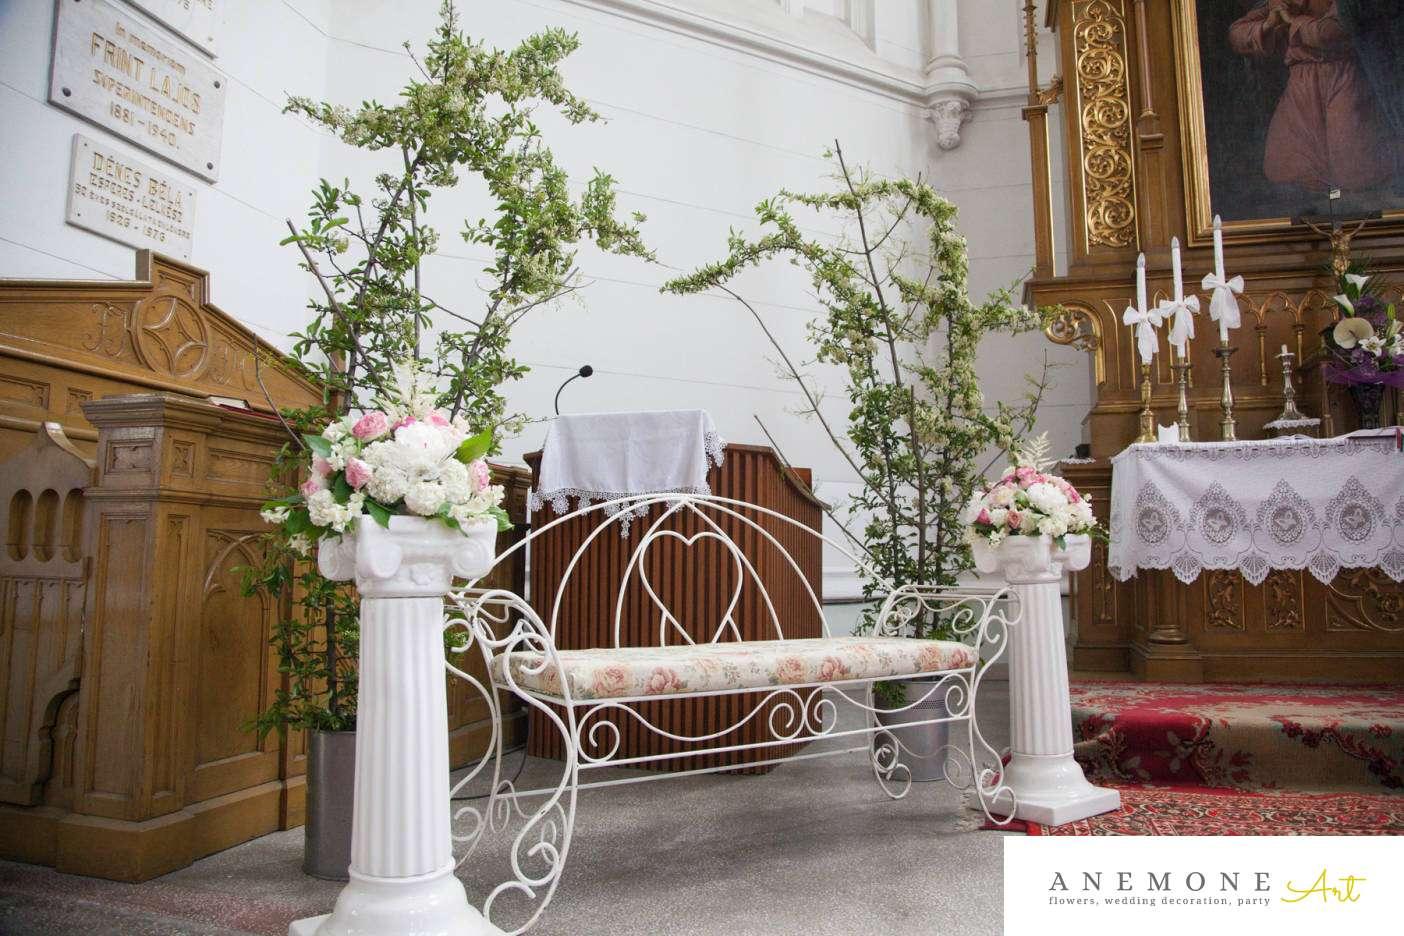 Poza, foto cu Flori de nunta banca, decor biserica in Arad, Timisoara, Oradea (wedding flowers, bouquets) nunta Arad, Timisoara, Oradea